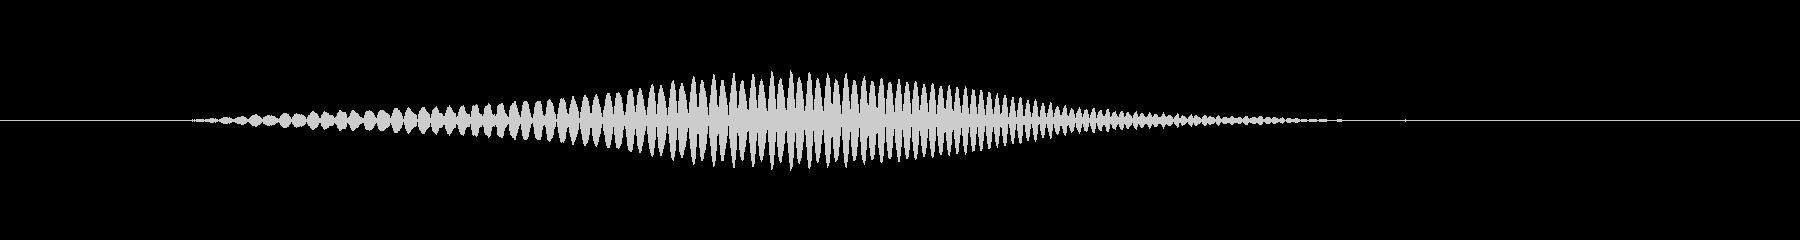 ふっ!(Type-C)の未再生の波形